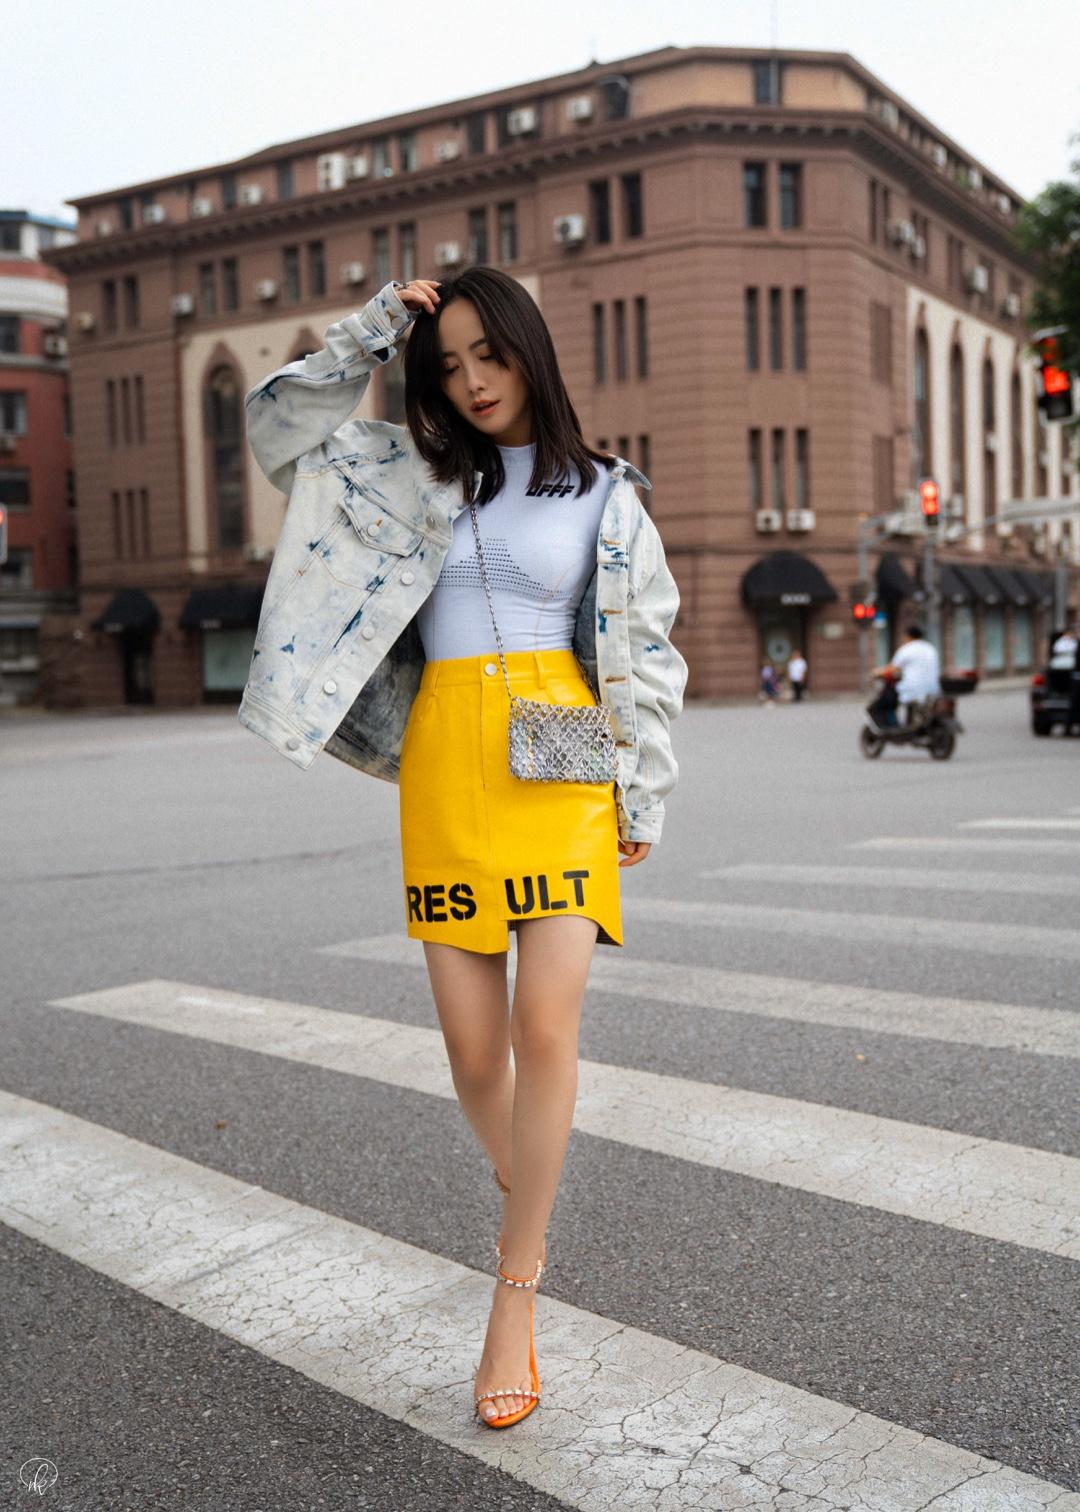 #Nikkislook# 雨后🌧️有一丝凉意,先人一步!穿上扎染外套,下装搭配嫩黄色短裙,外加银色的配饰,整套LooK好似多了几分初秋的味道~